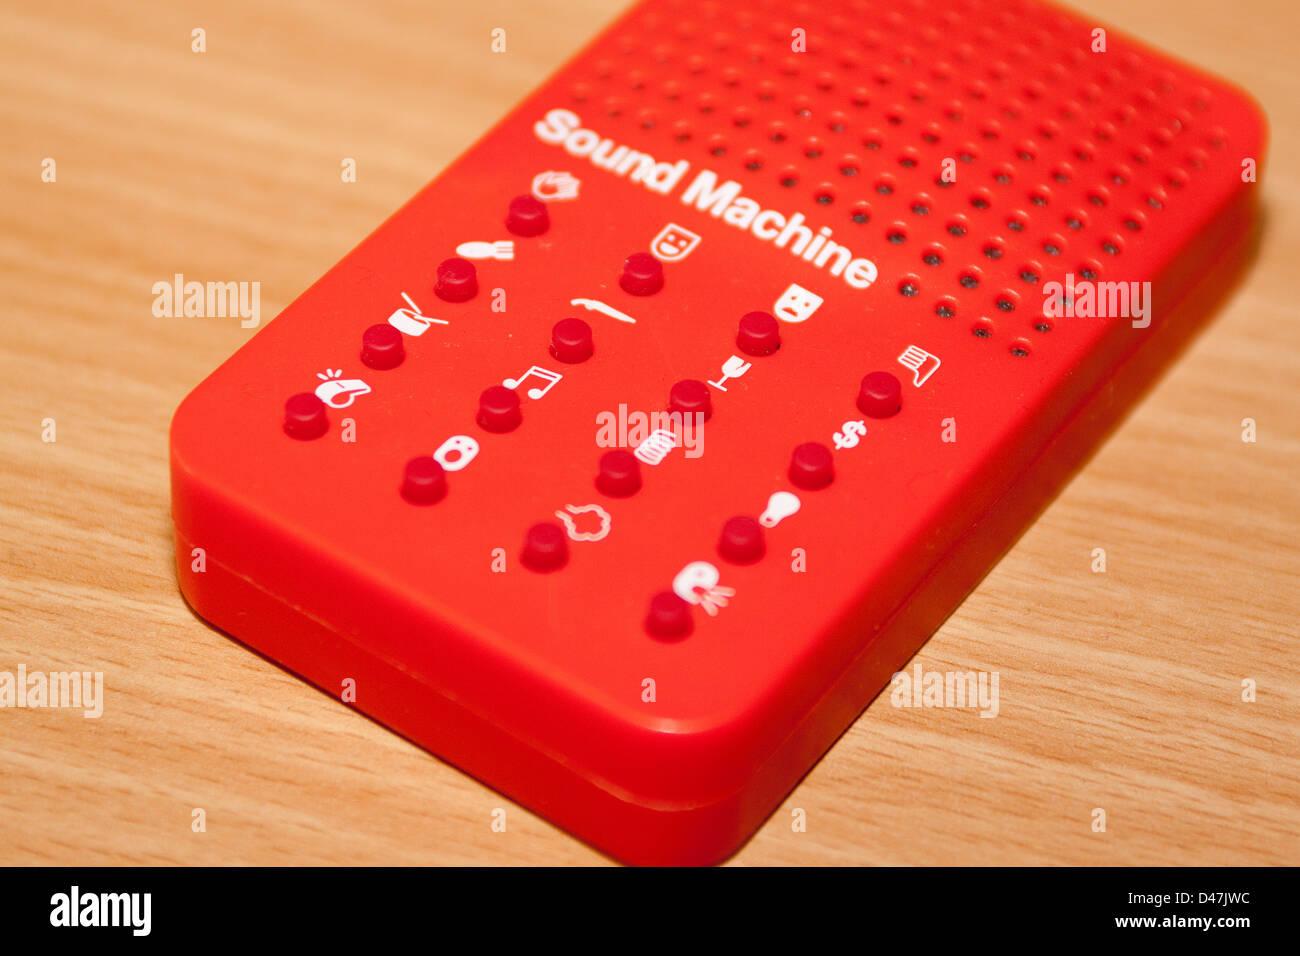 Toy electric sound effects machine Stock Photo: 54258216 - Alamy